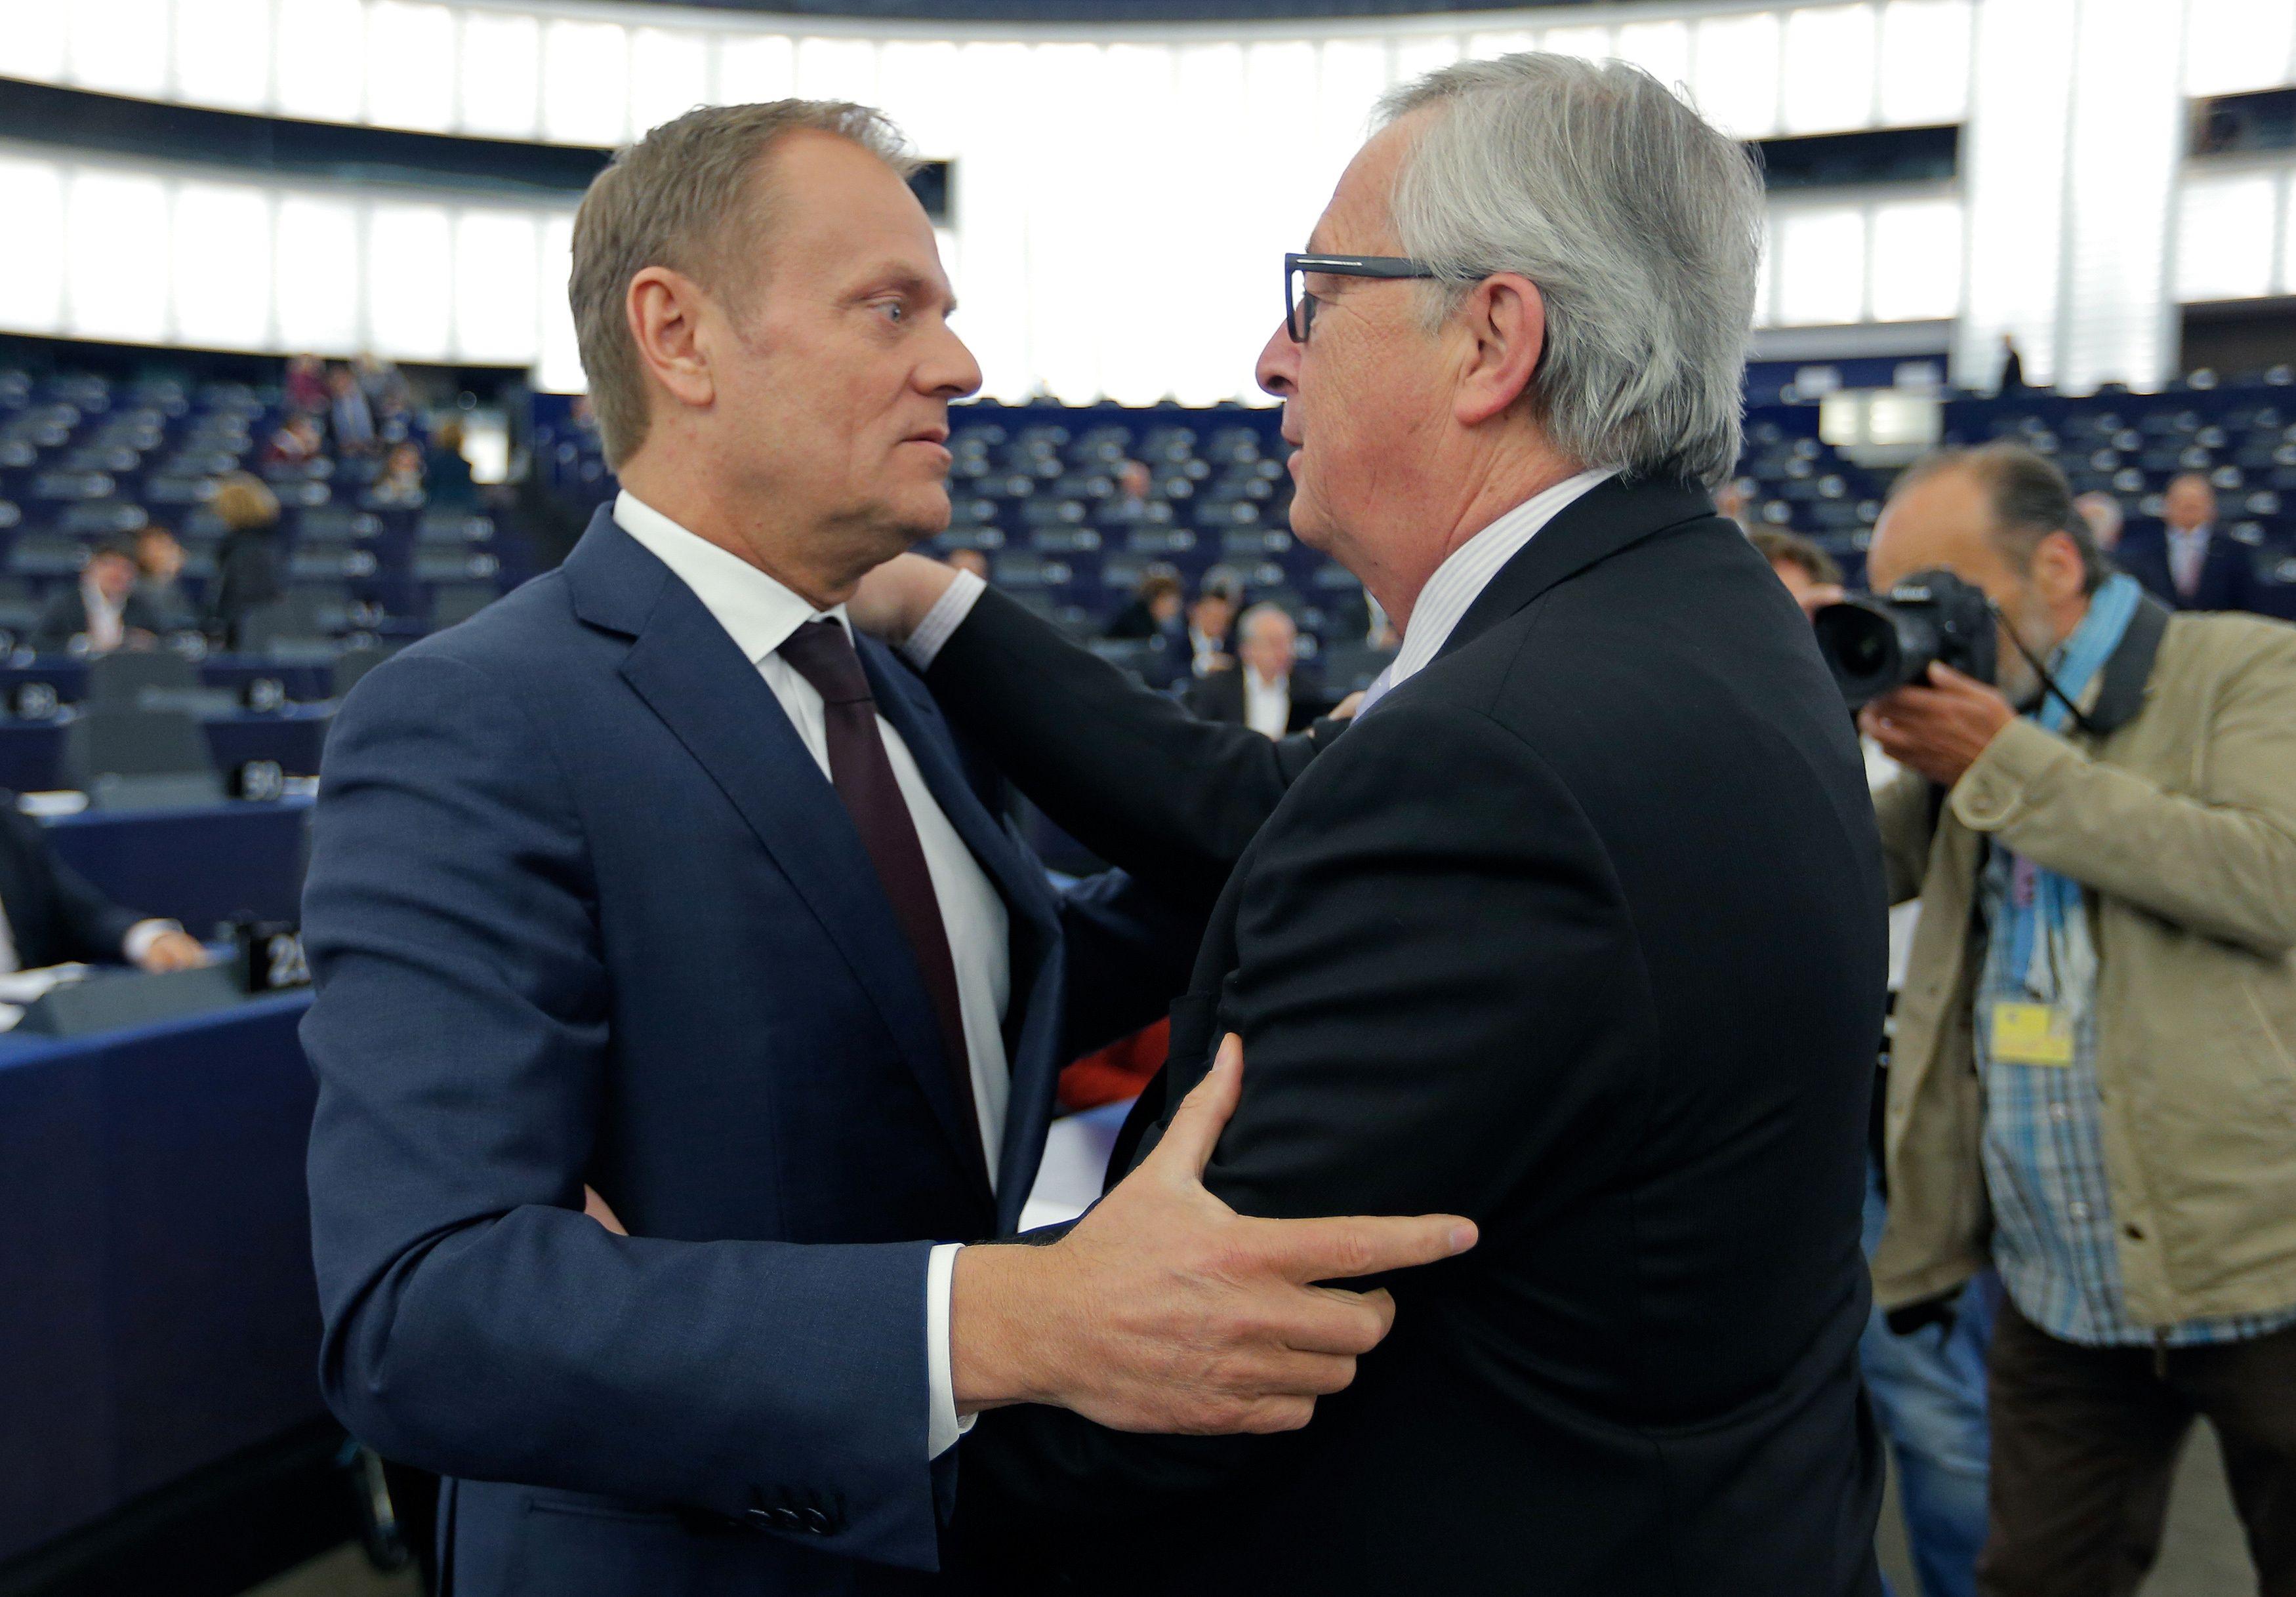 ES lyderiai �sp�ja:�i� Bendrijos besitraukiantys britai privilegij� nesulauks